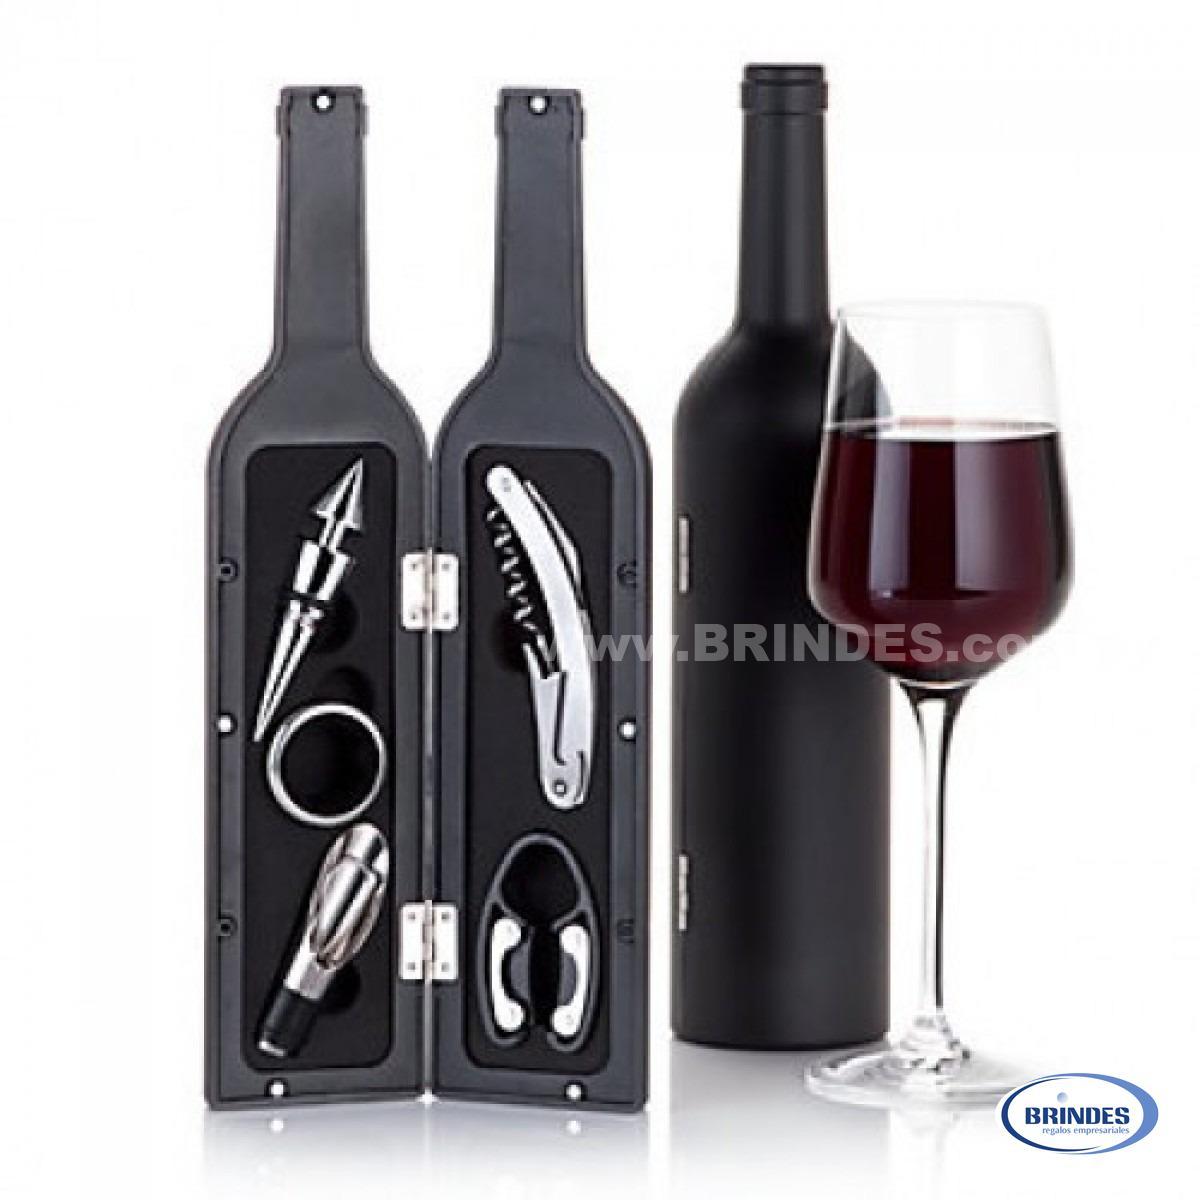 Kit 5 Utencilios de Vino